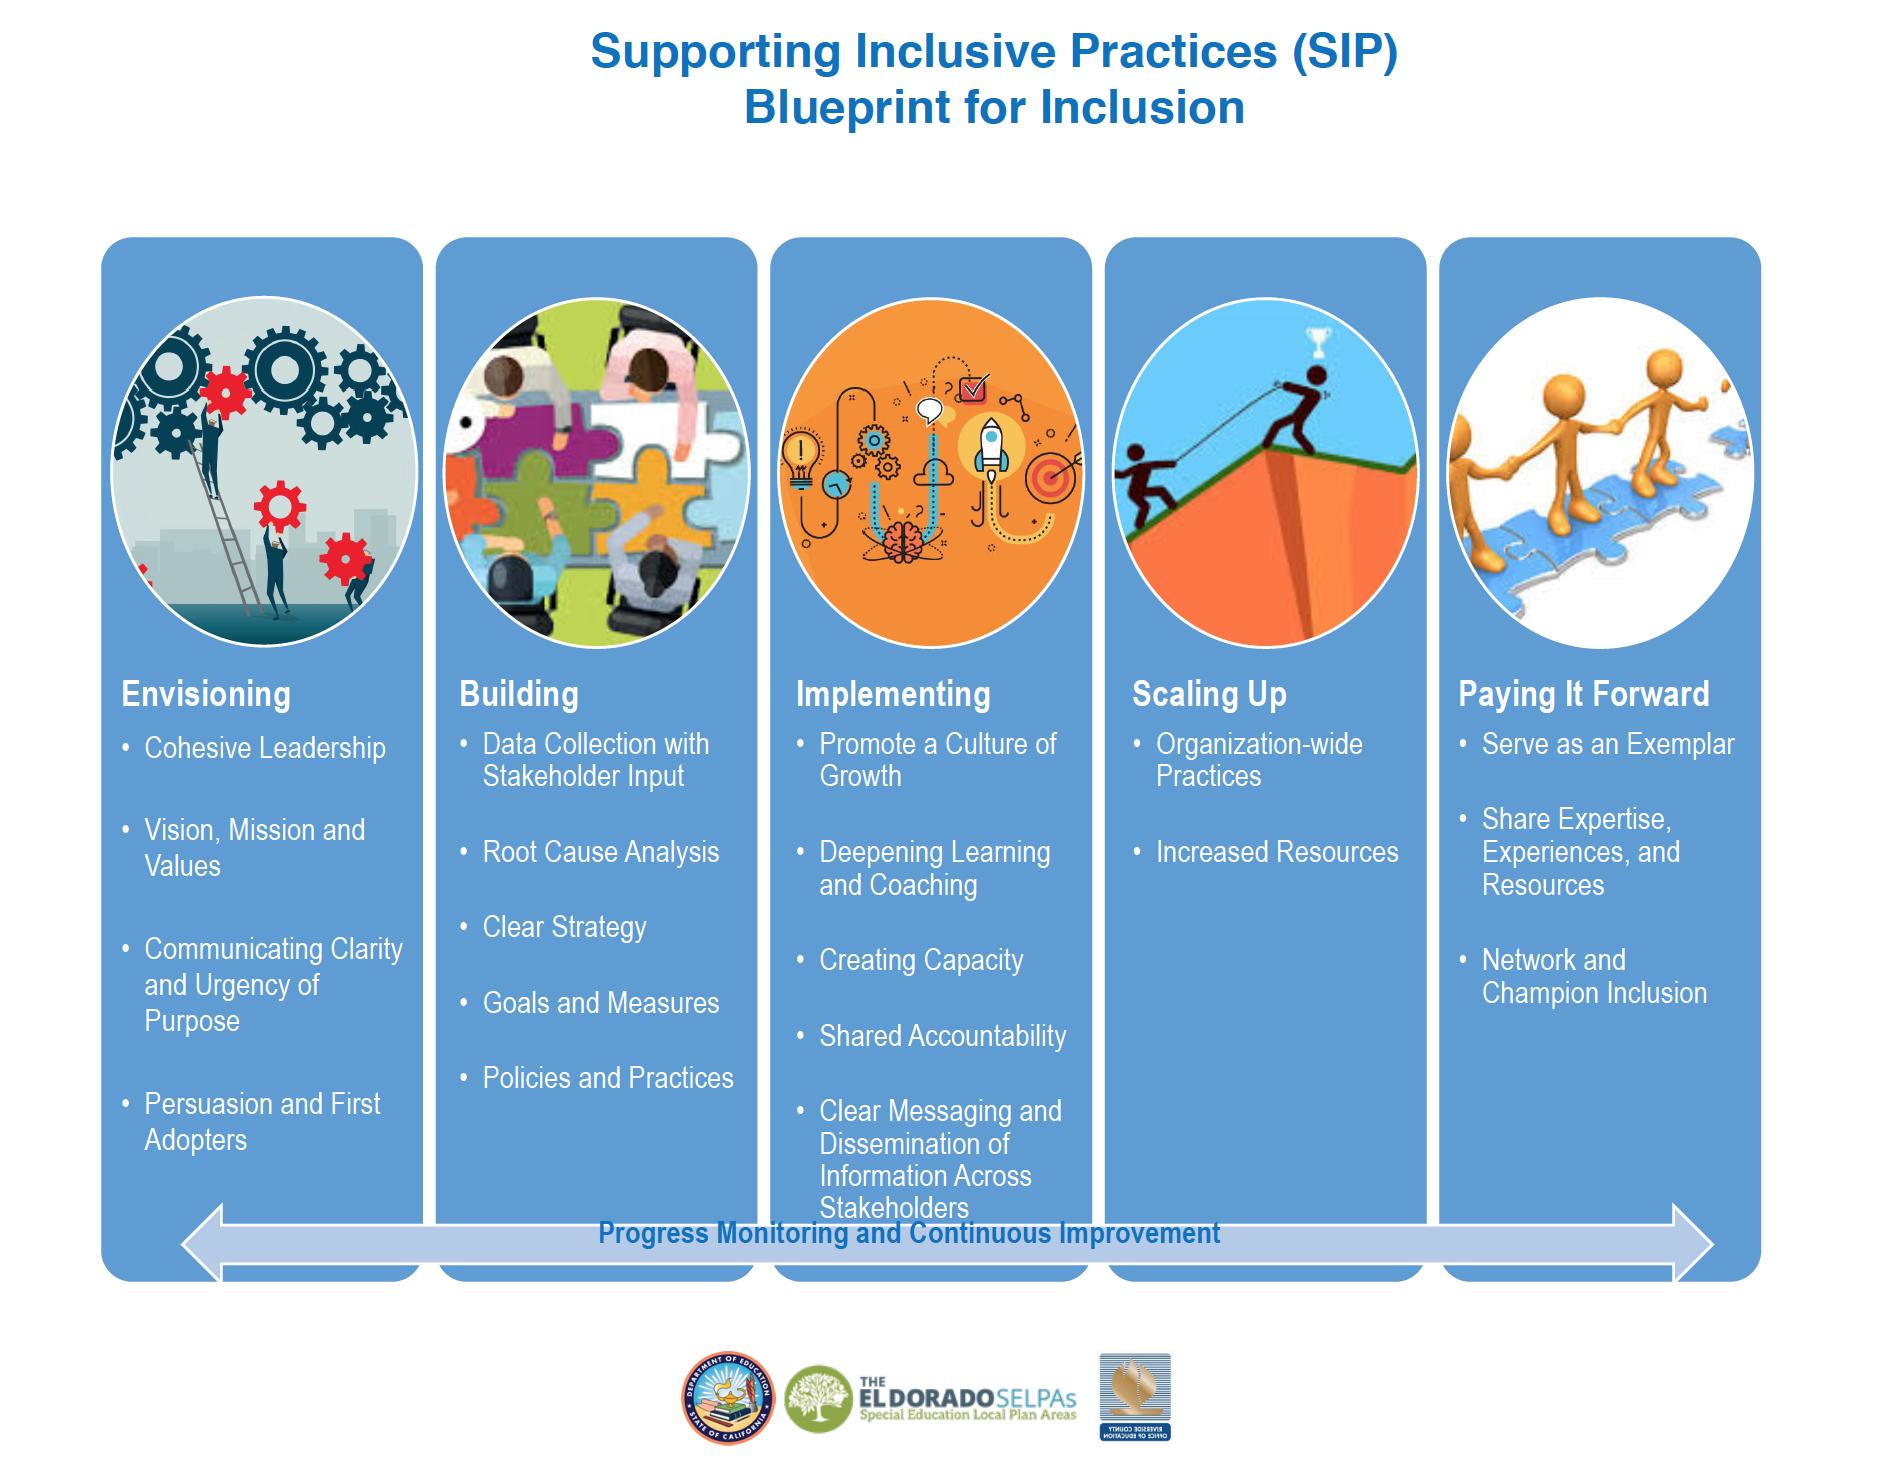 Screenshot of SIP Blueprint